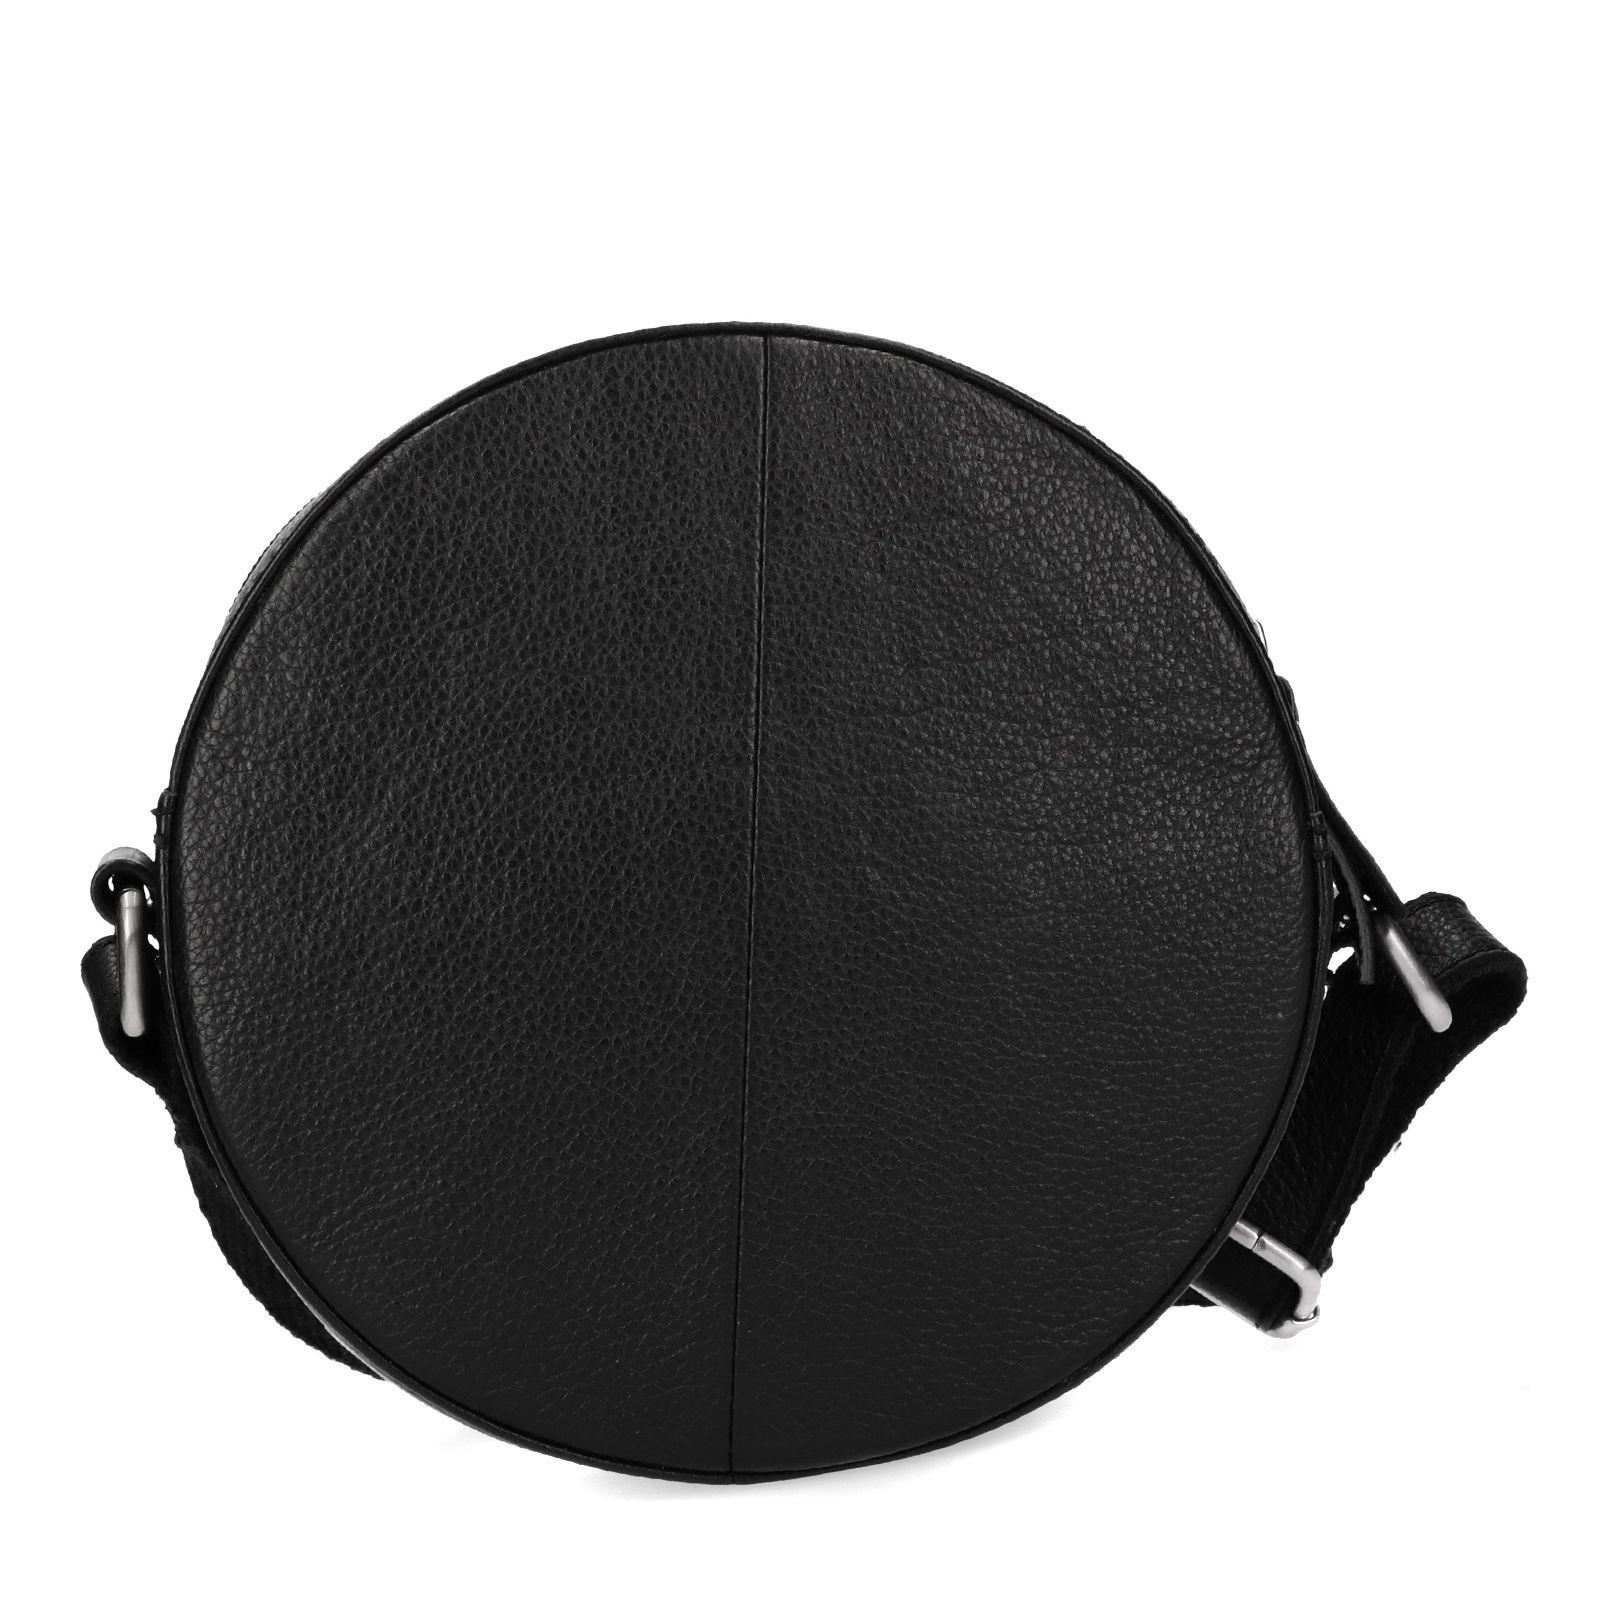 dfeee3746a0 Manfield Zwart rond schoudertasje met studs. sale. prev